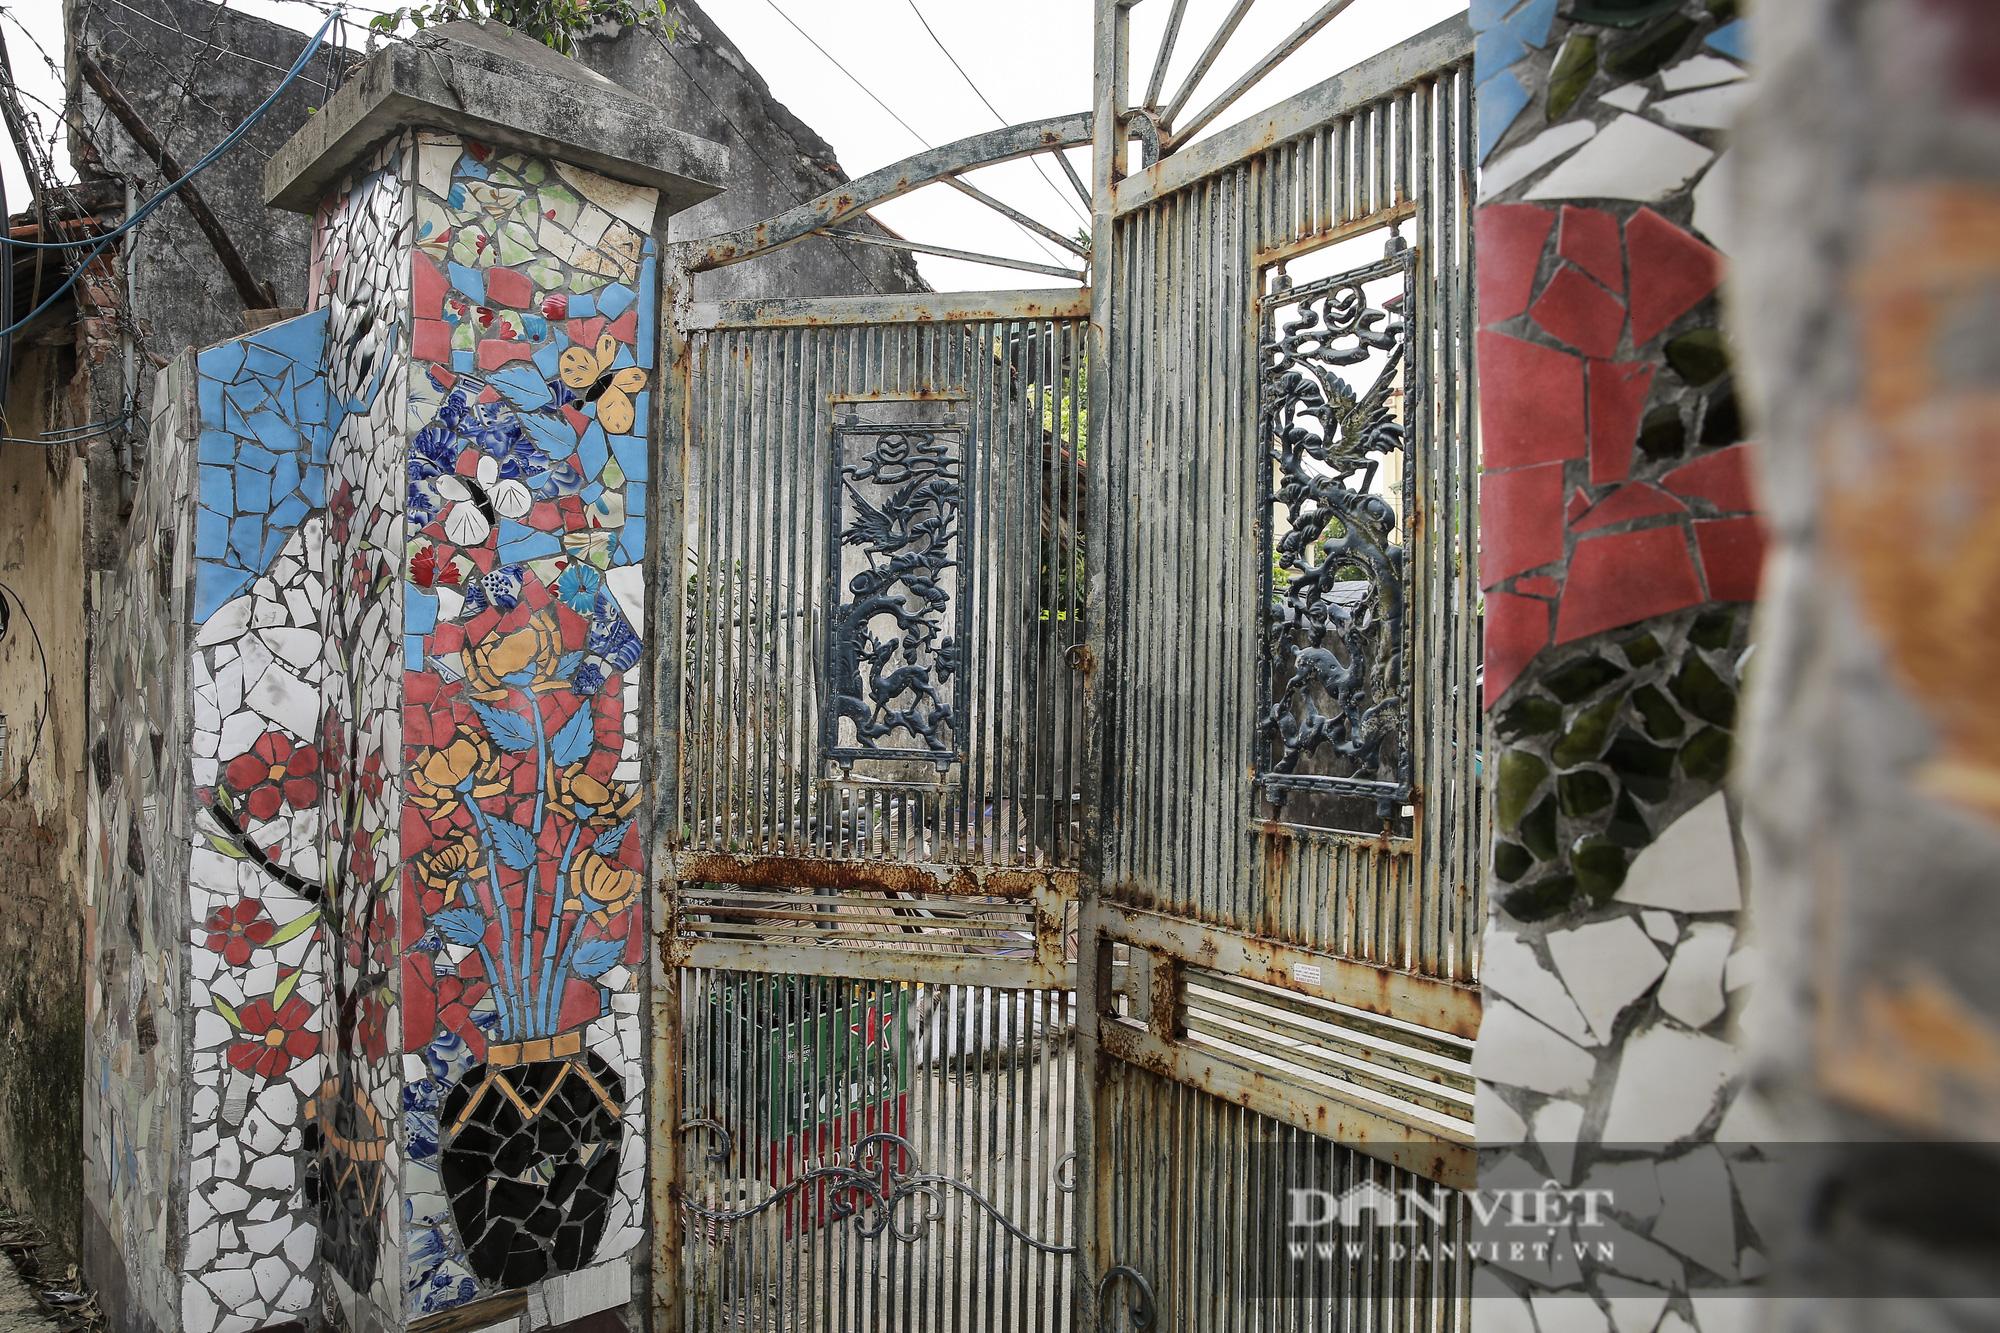 """Đường làng """"thay áo mới"""" bằng những tác phẩm nghệ thuật làm từ đồ phế thải  - Ảnh 7."""